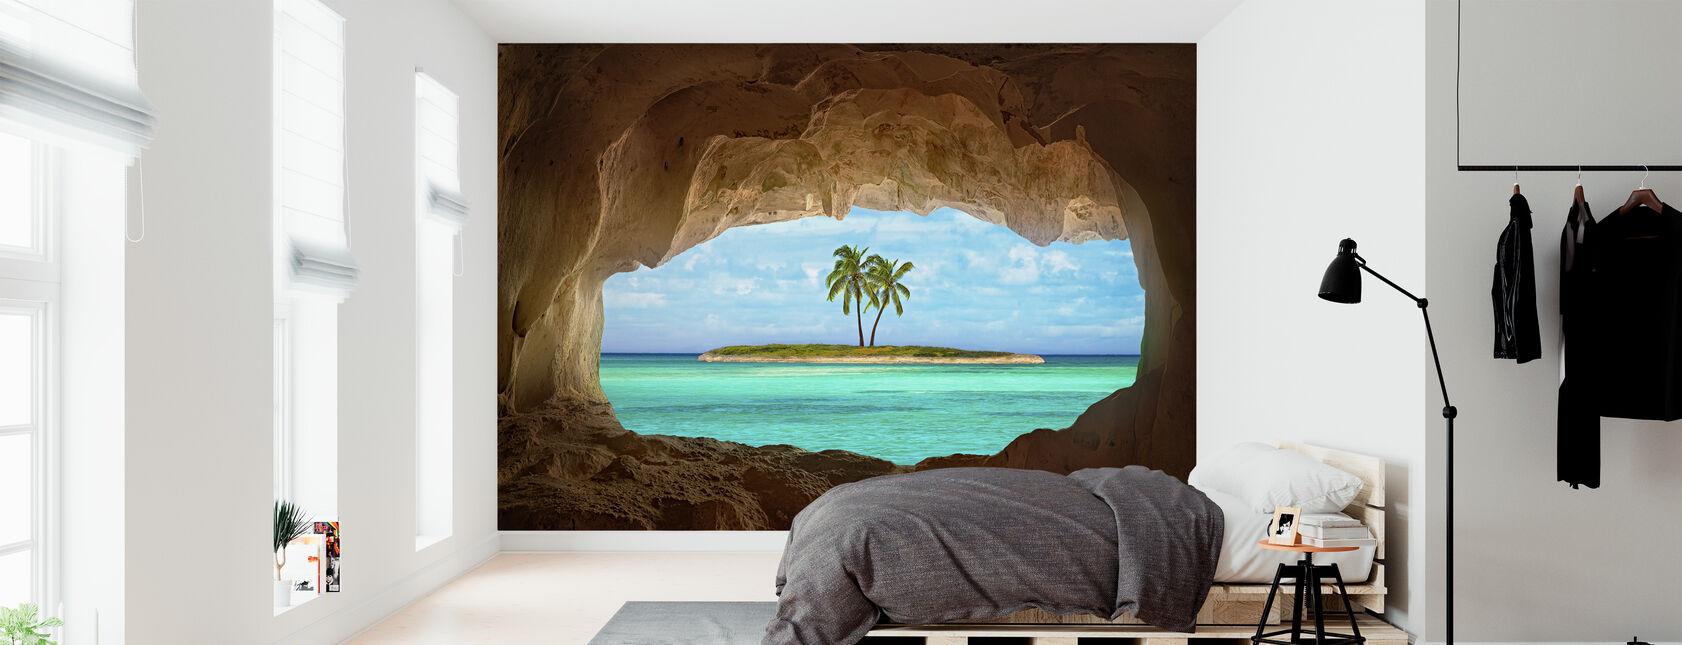 Paradies durch Fenster - Tapete - Schlafzimmer